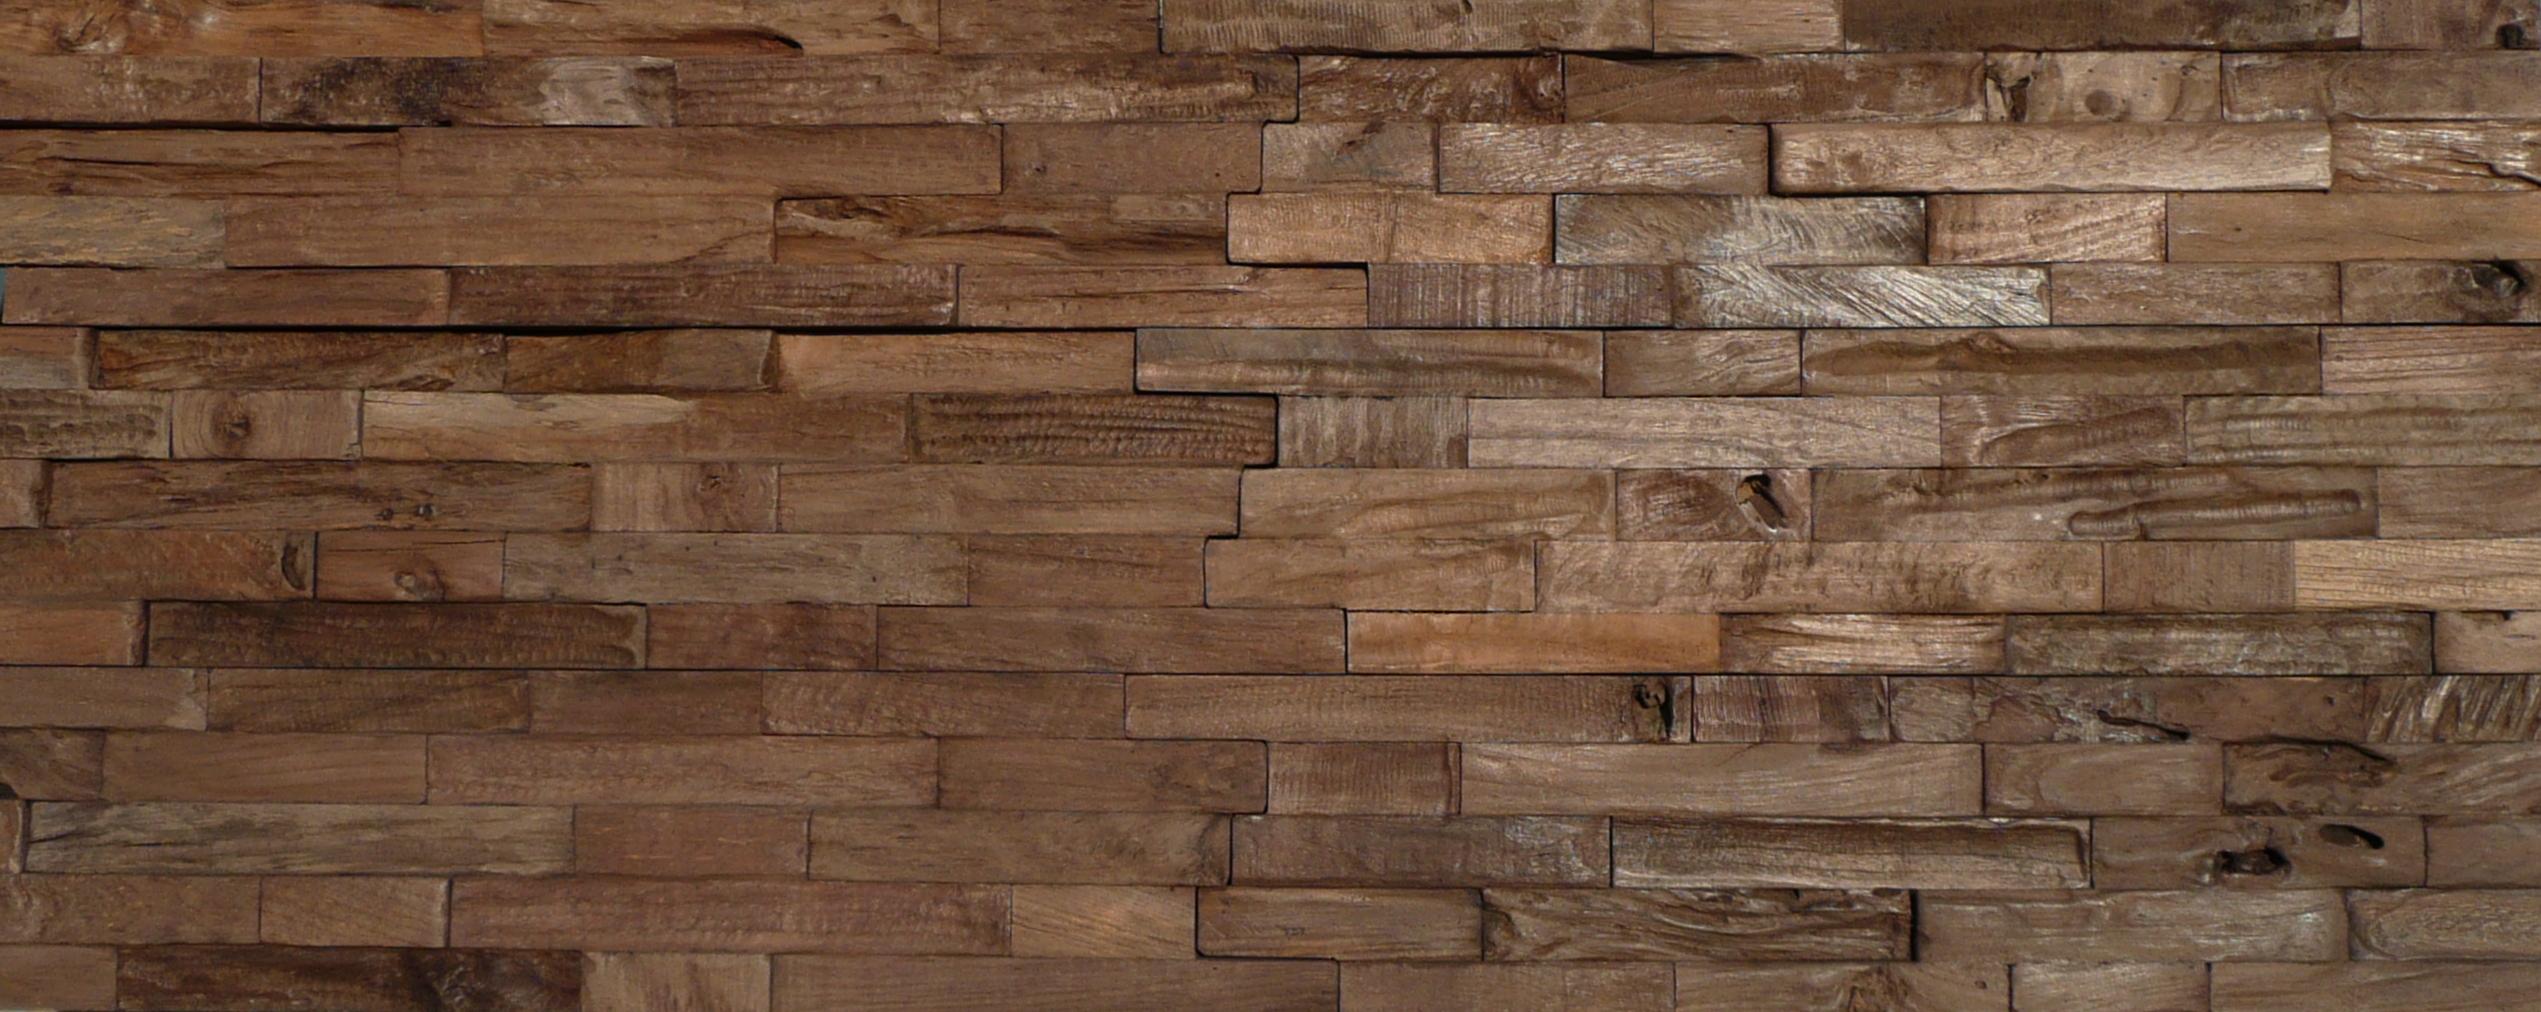 Rivestimenti In Legno Da Parete rivestimenti di legno - nordholz